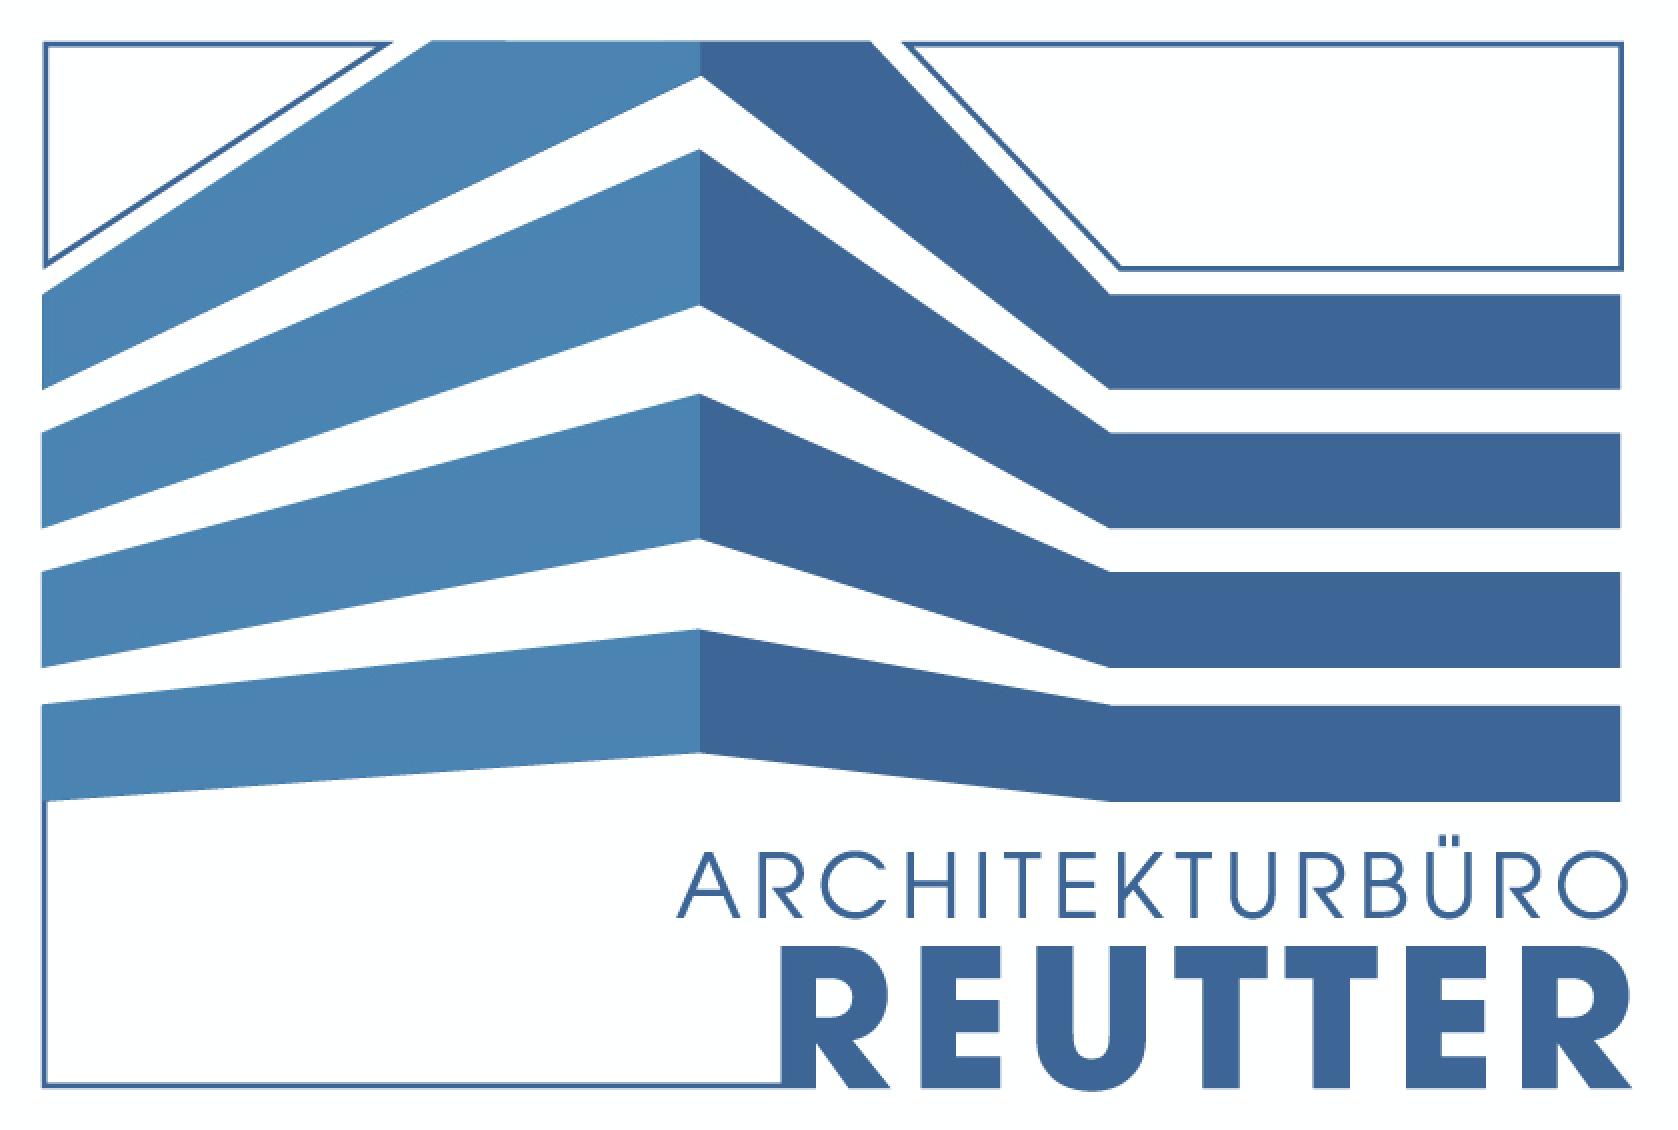 Architekturbüro Reutter - Wernau